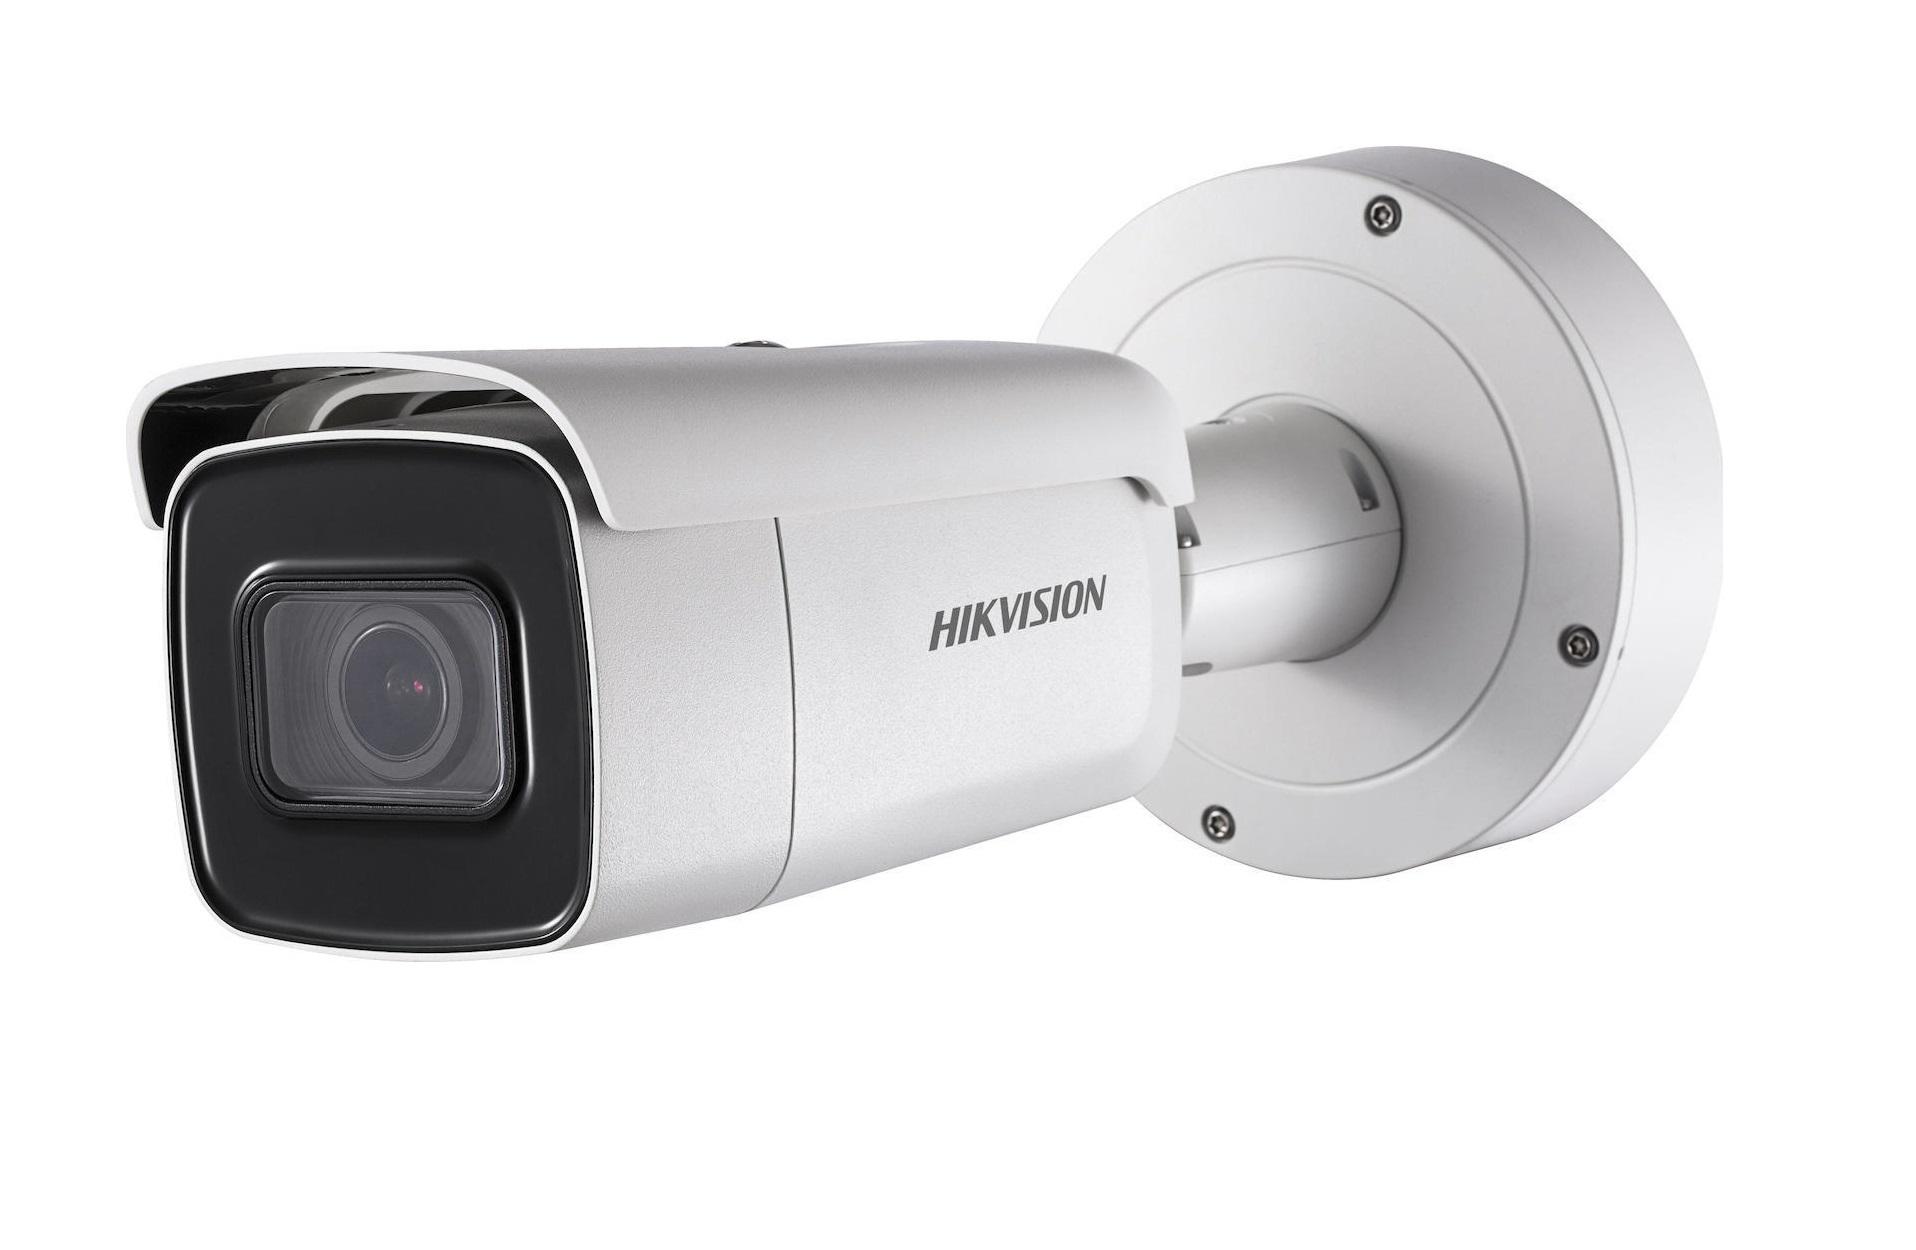 Hikvision DS-2CD2623G0-IZS Δικτυακή Κάμερα 2 MP φακός varifocal 2.8-12mm